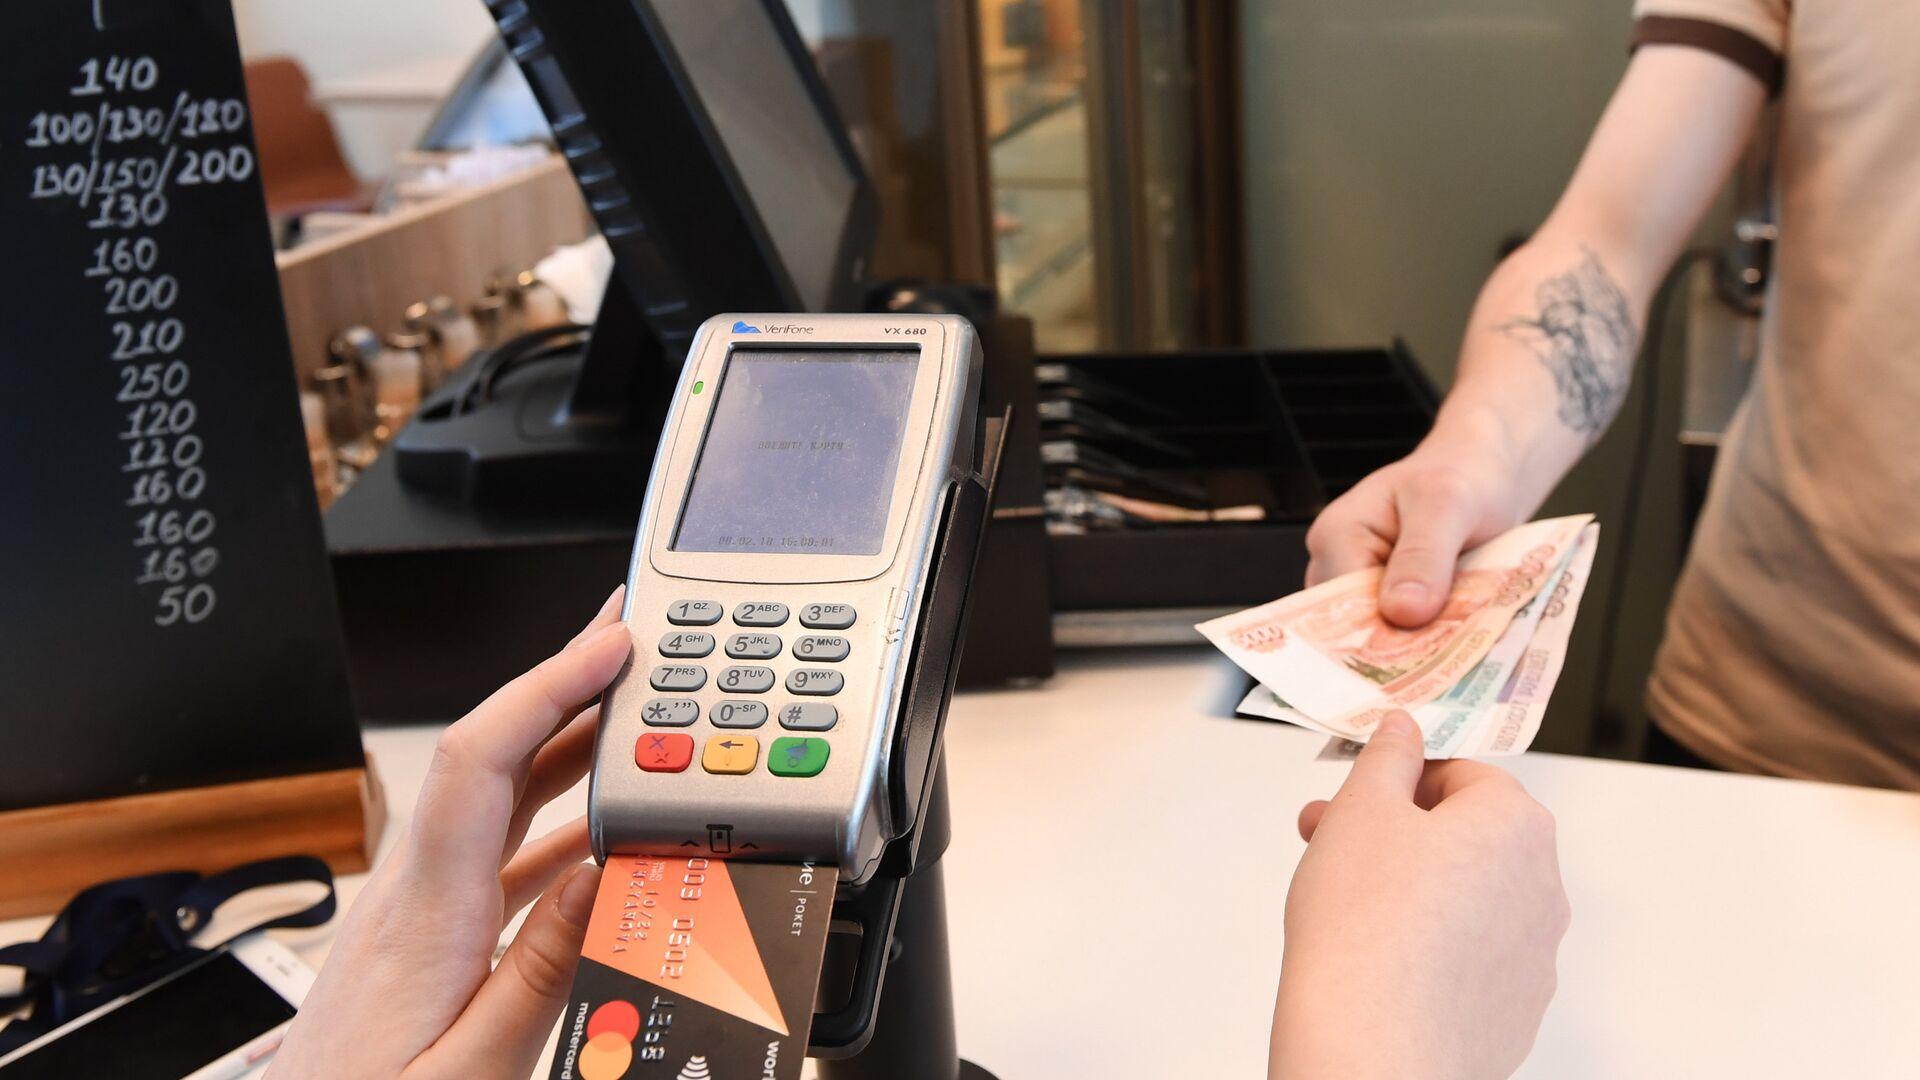 Расчет за заказ в кафе через терминал оплаты банковскими картами - РИА Новости, 1920, 22.03.2021